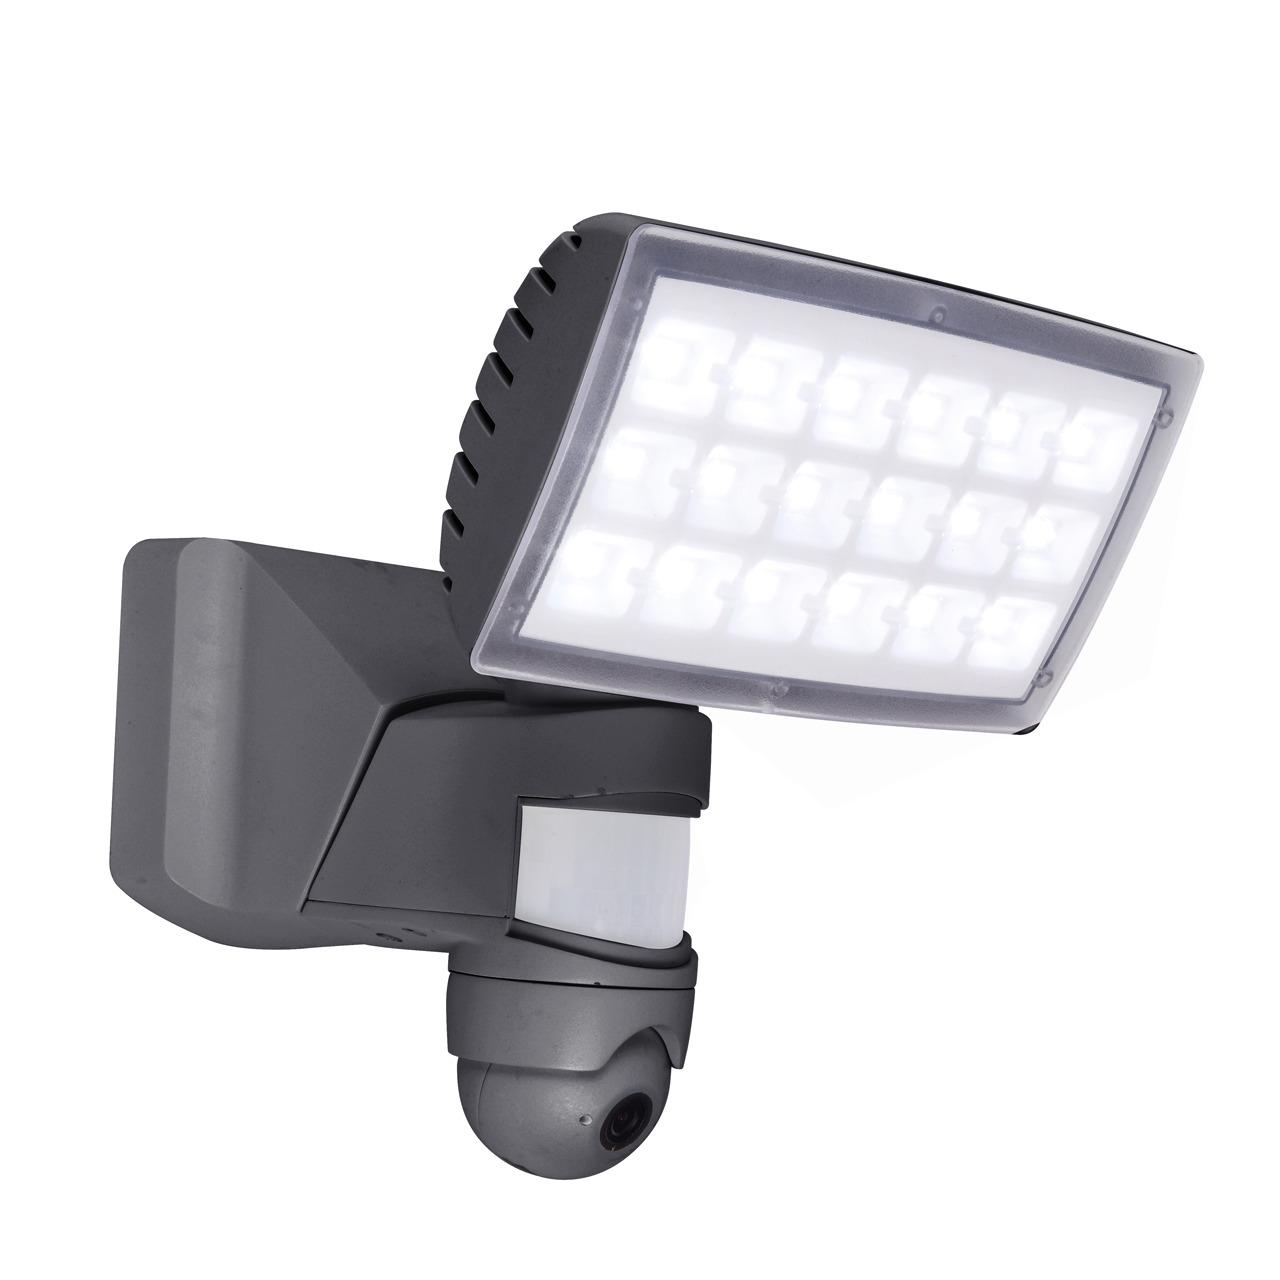 Lutec LED-Kameraleuchte Peri 6295-CAM mit Rekorder- Bewegungsmelder und APP- in Anthrazit